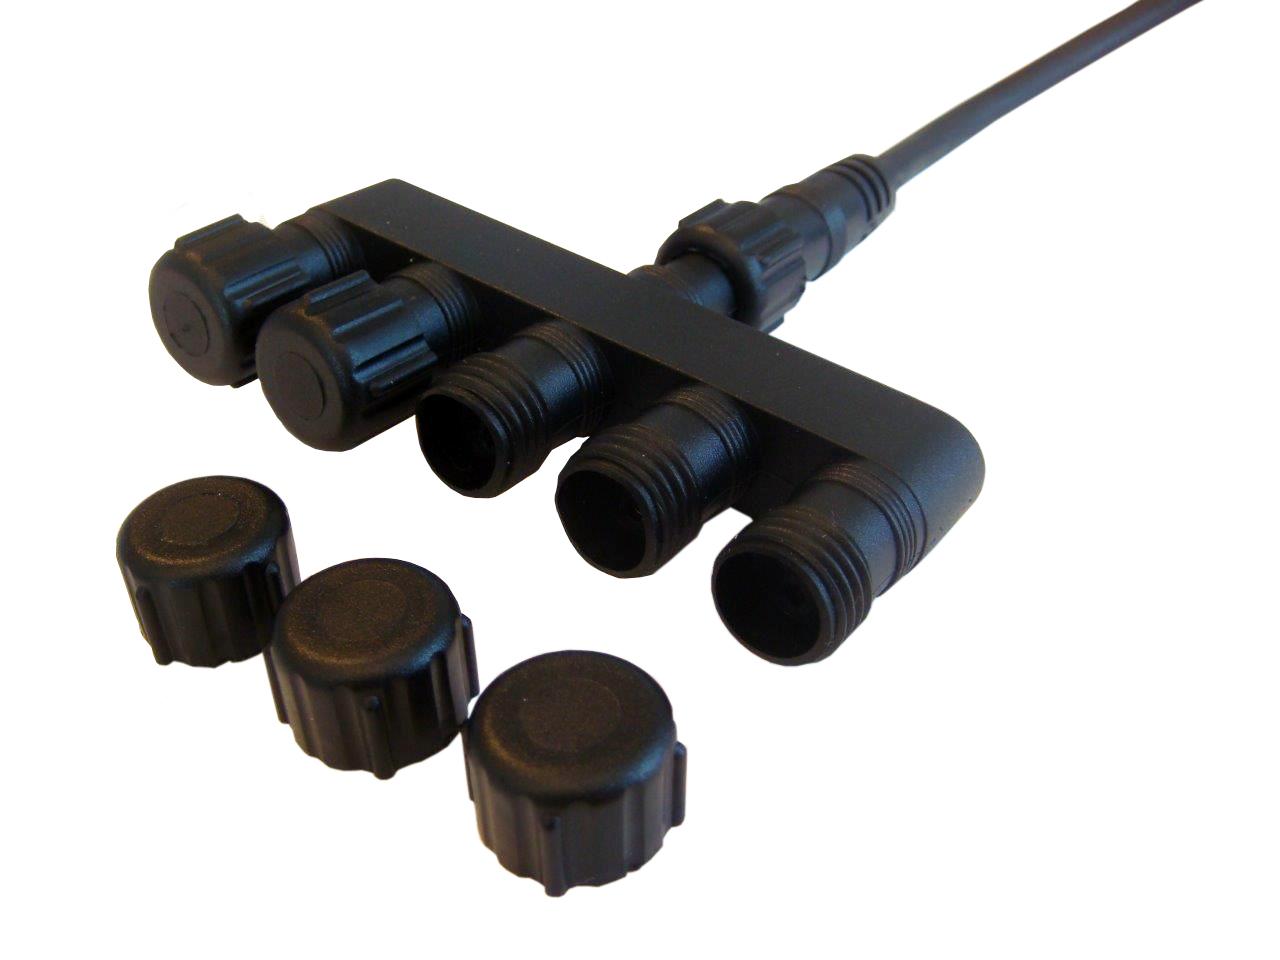 5 wege verteiler stromkabel f r pumpen und led. Black Bedroom Furniture Sets. Home Design Ideas